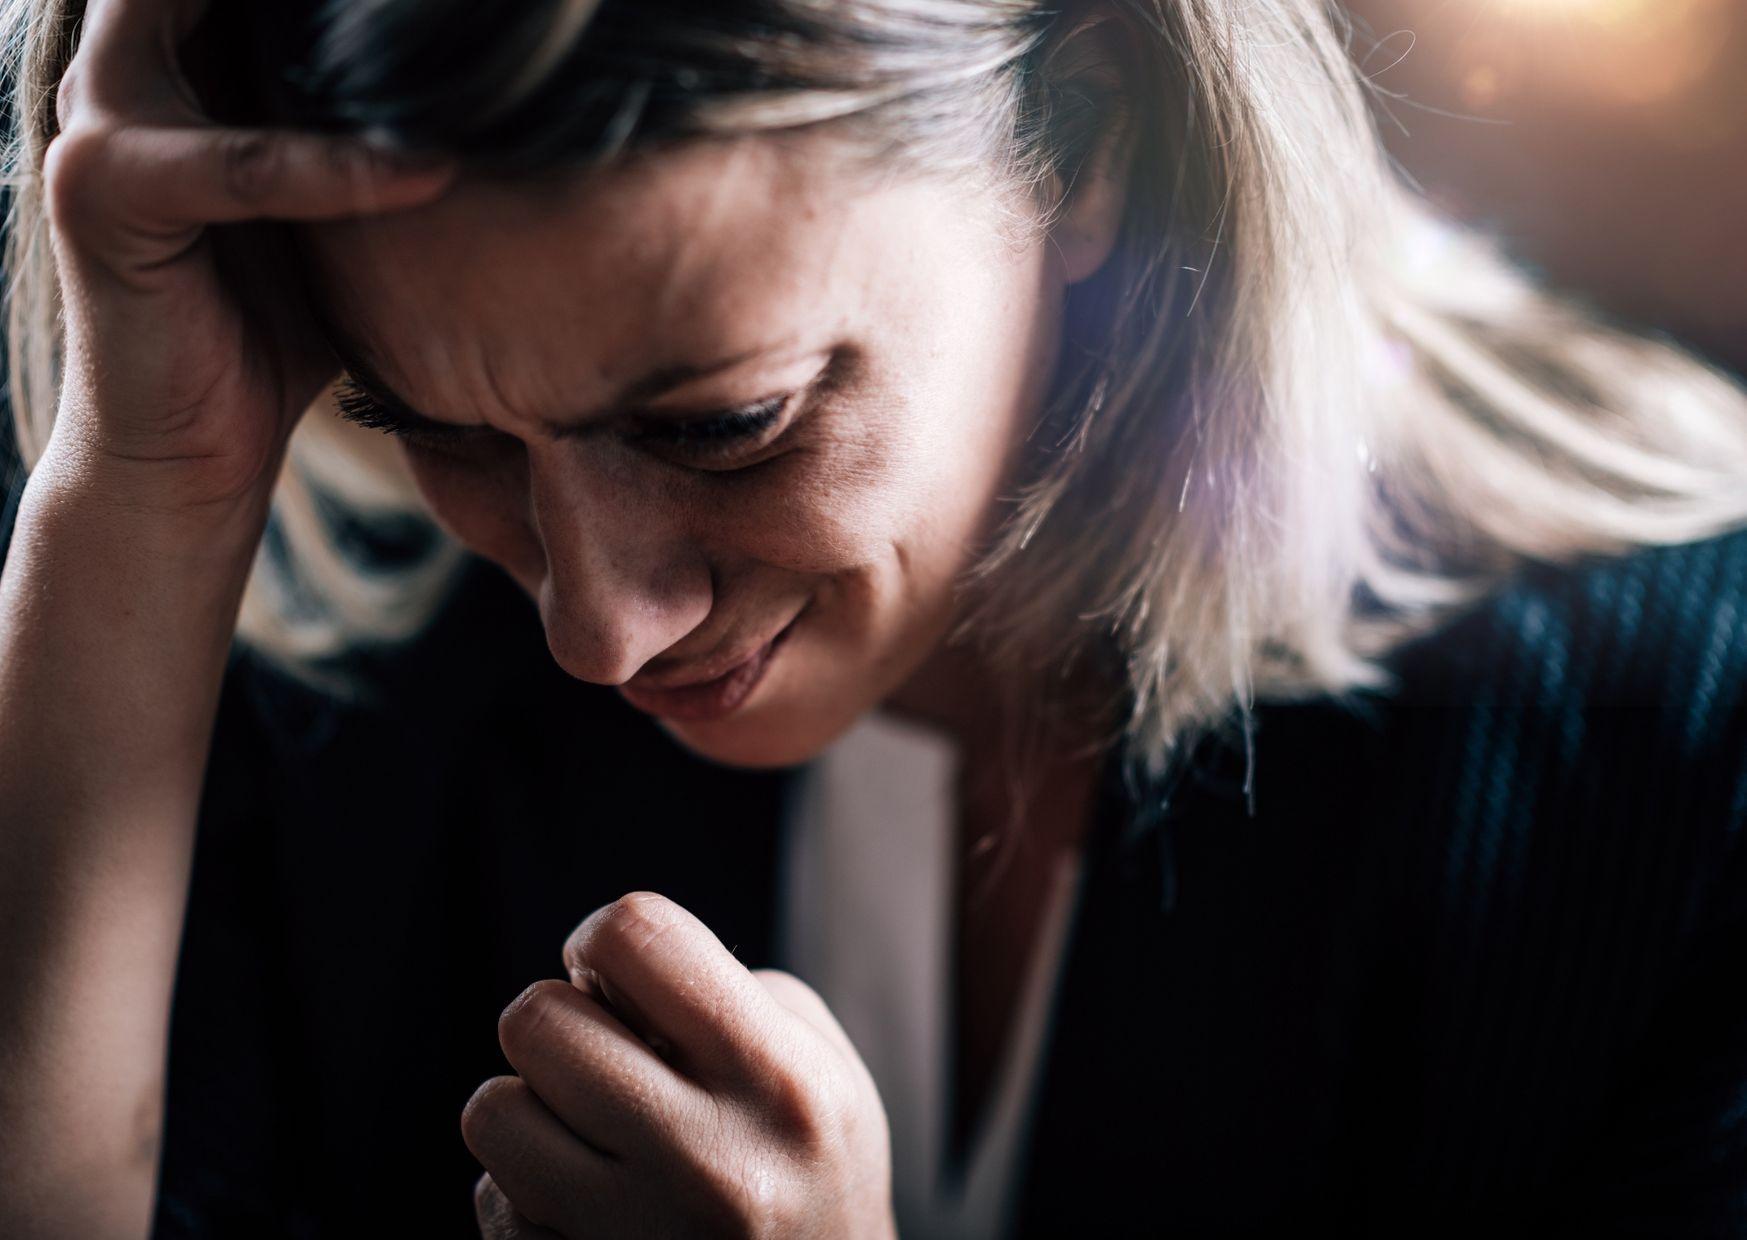 איך להתמודד עם פחדים וחרדות